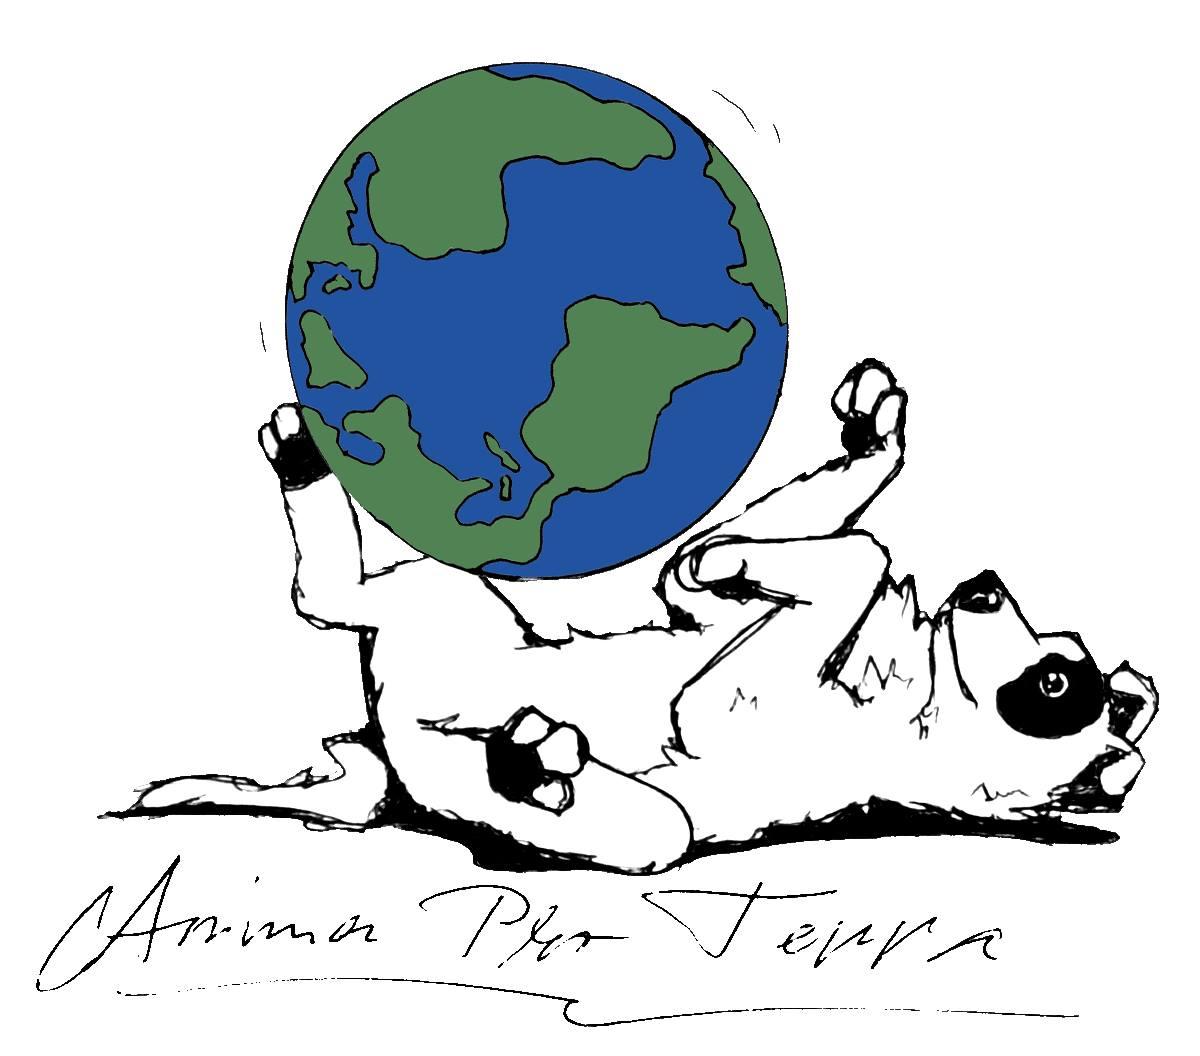 Asociatia Anima Pro Terra logo